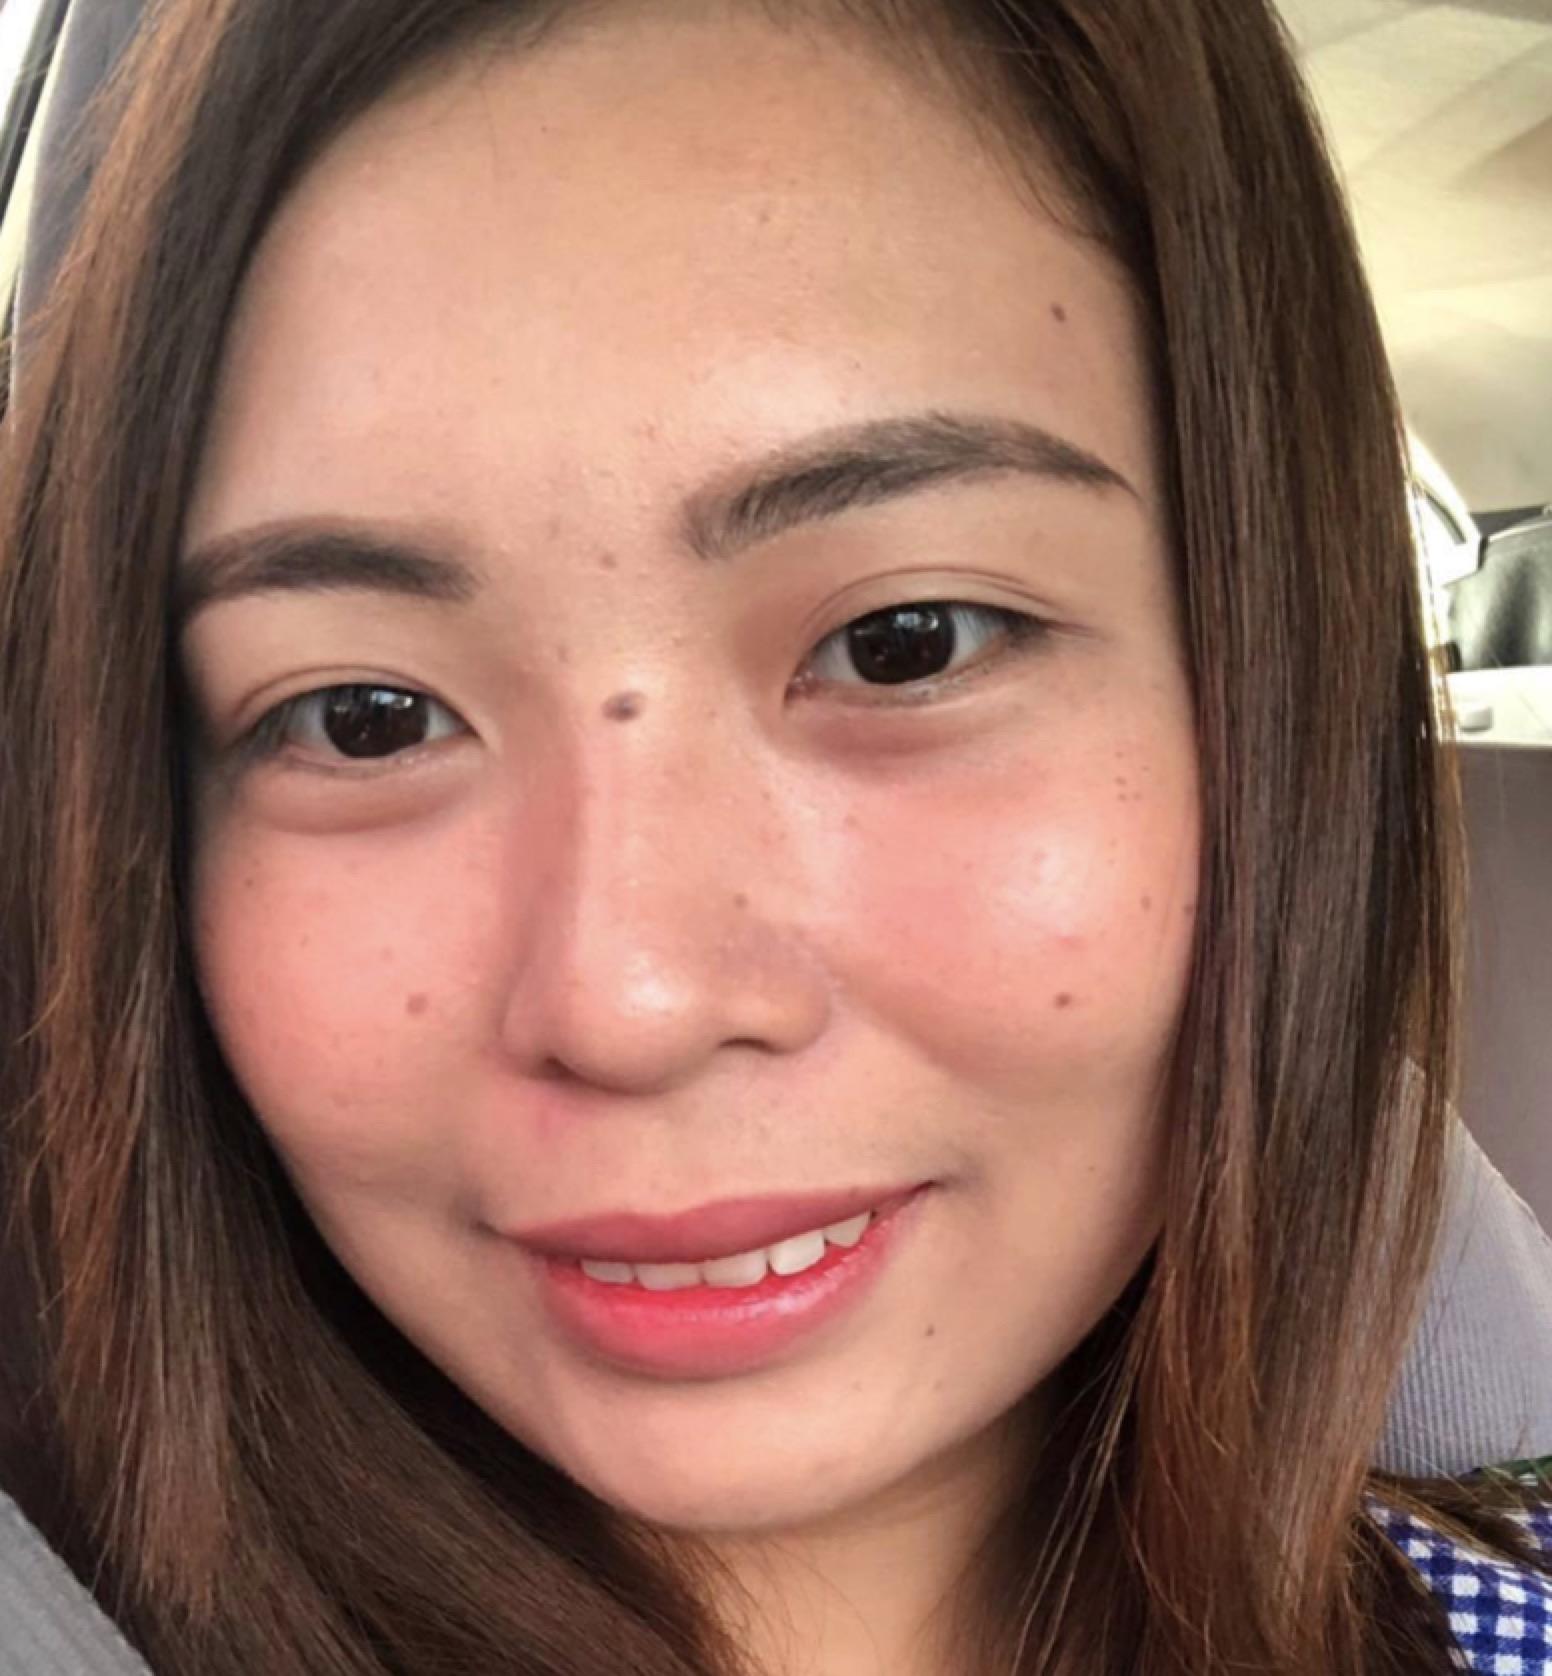 菲律宾本科外教编号:wj35921976